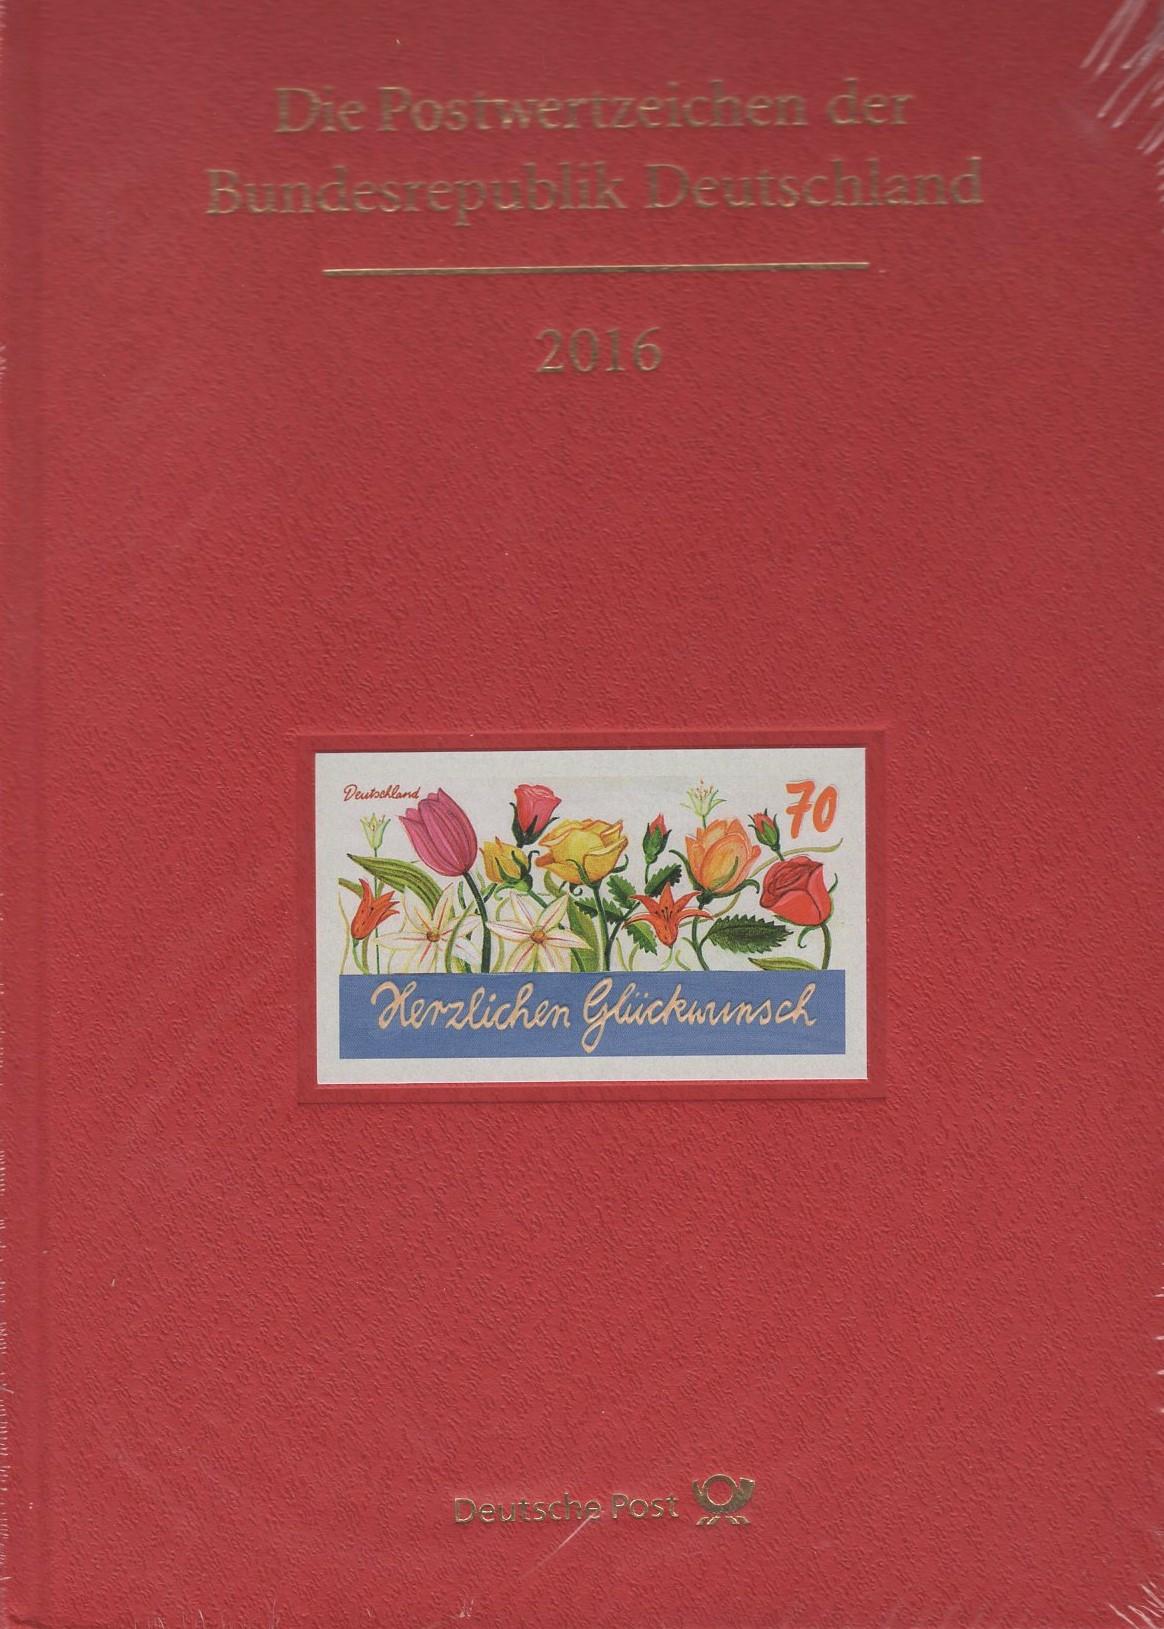 Bund Jahrbuch 2016